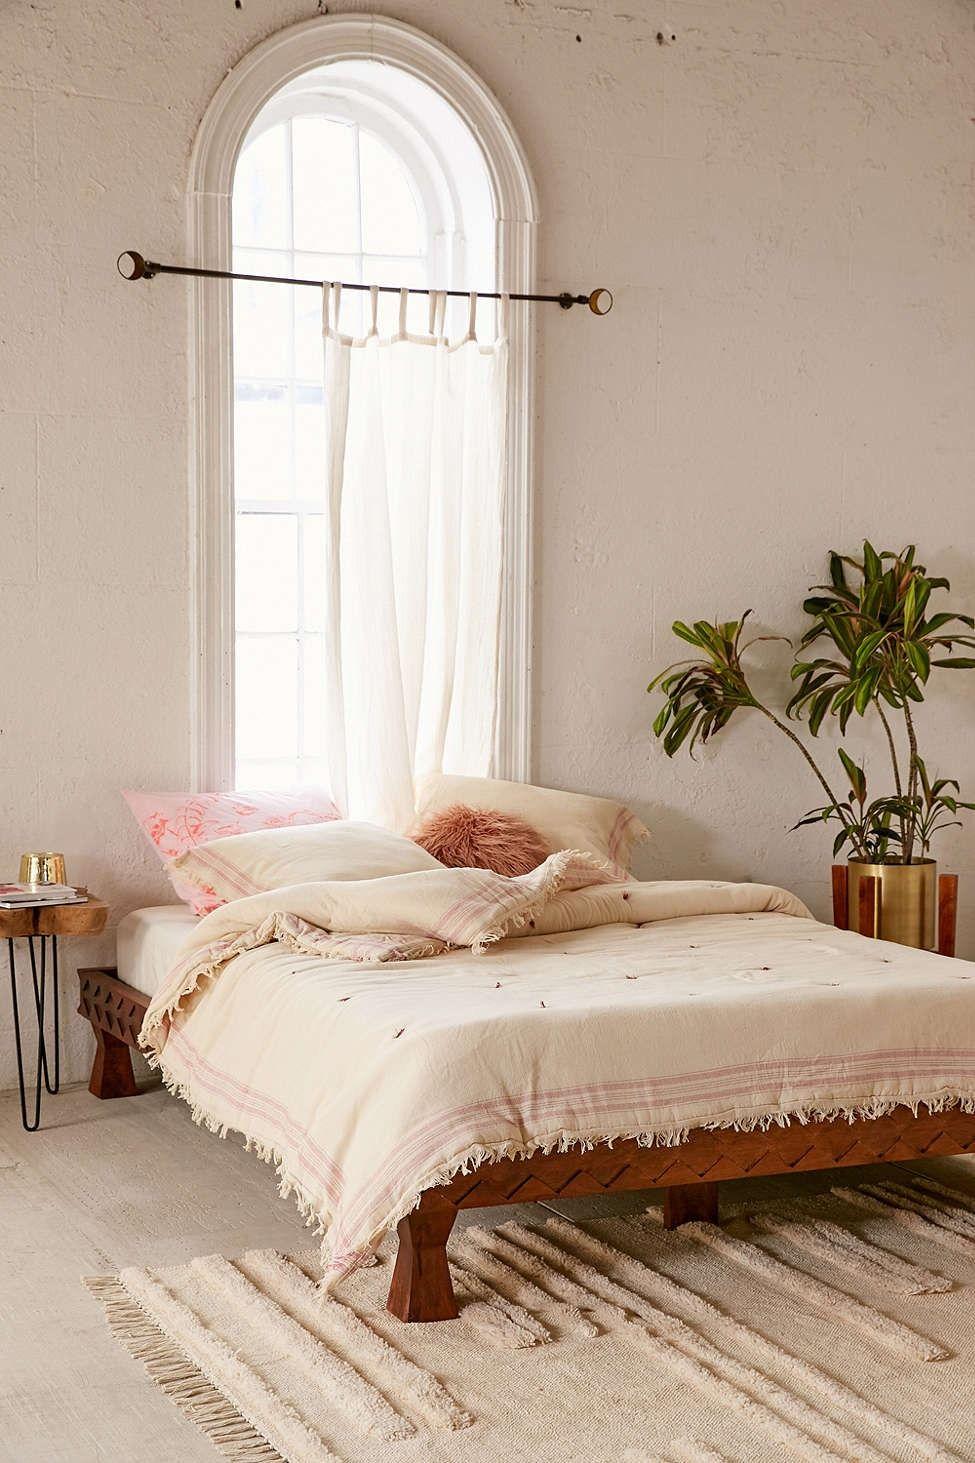 Eloisa Carved Wood Platform Bed Cozy dorm room, Wood